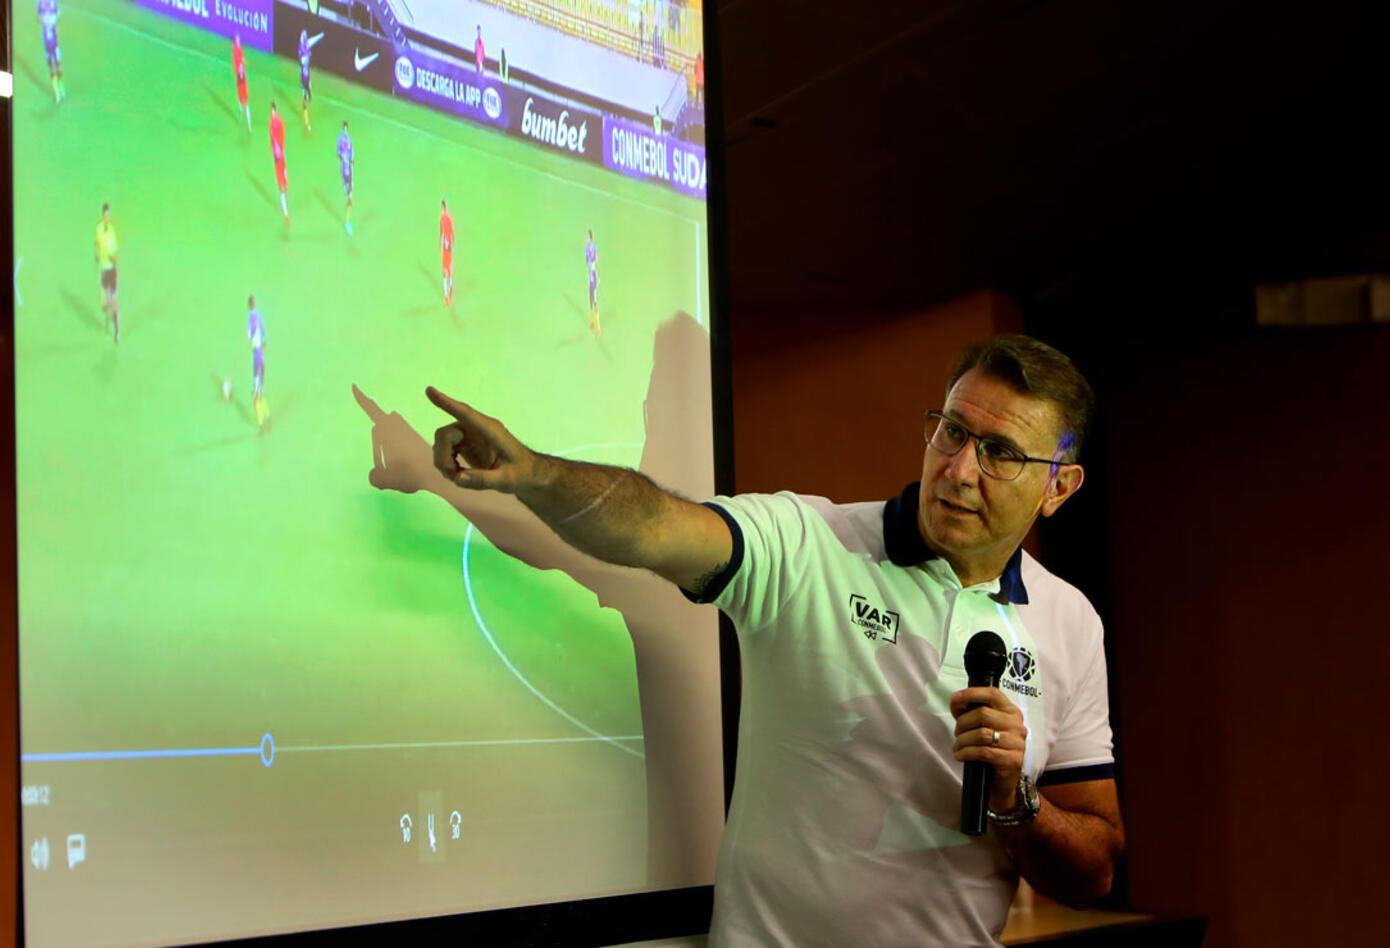 Wilson Seneme, Presidente de la comisiónn de árbitros en la CONMEBOL, presentó el VAR en El Campín